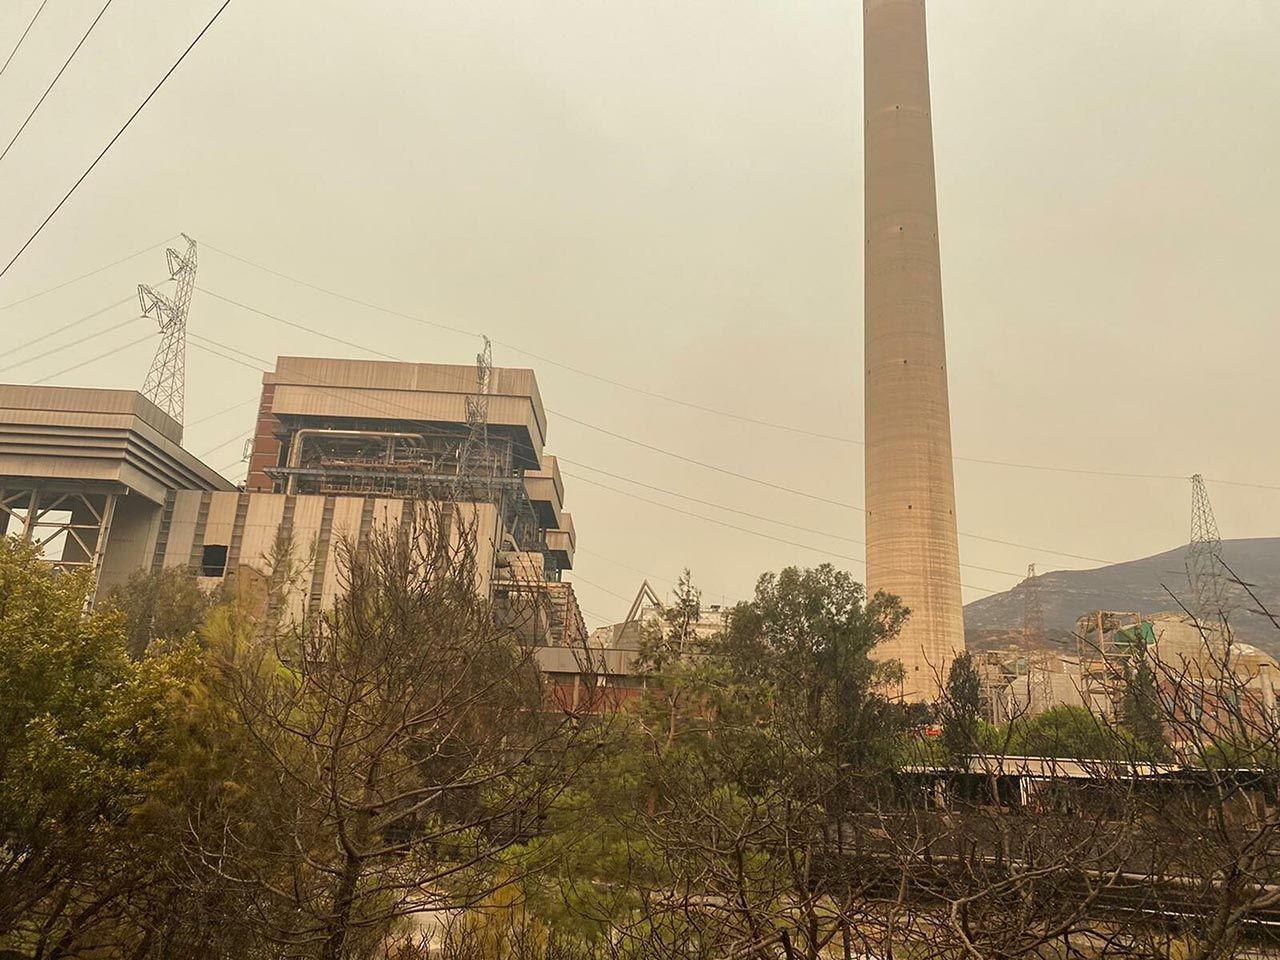 Termik santralde hasar var mı? Bakan son durumu açıkladı - Resim: 4